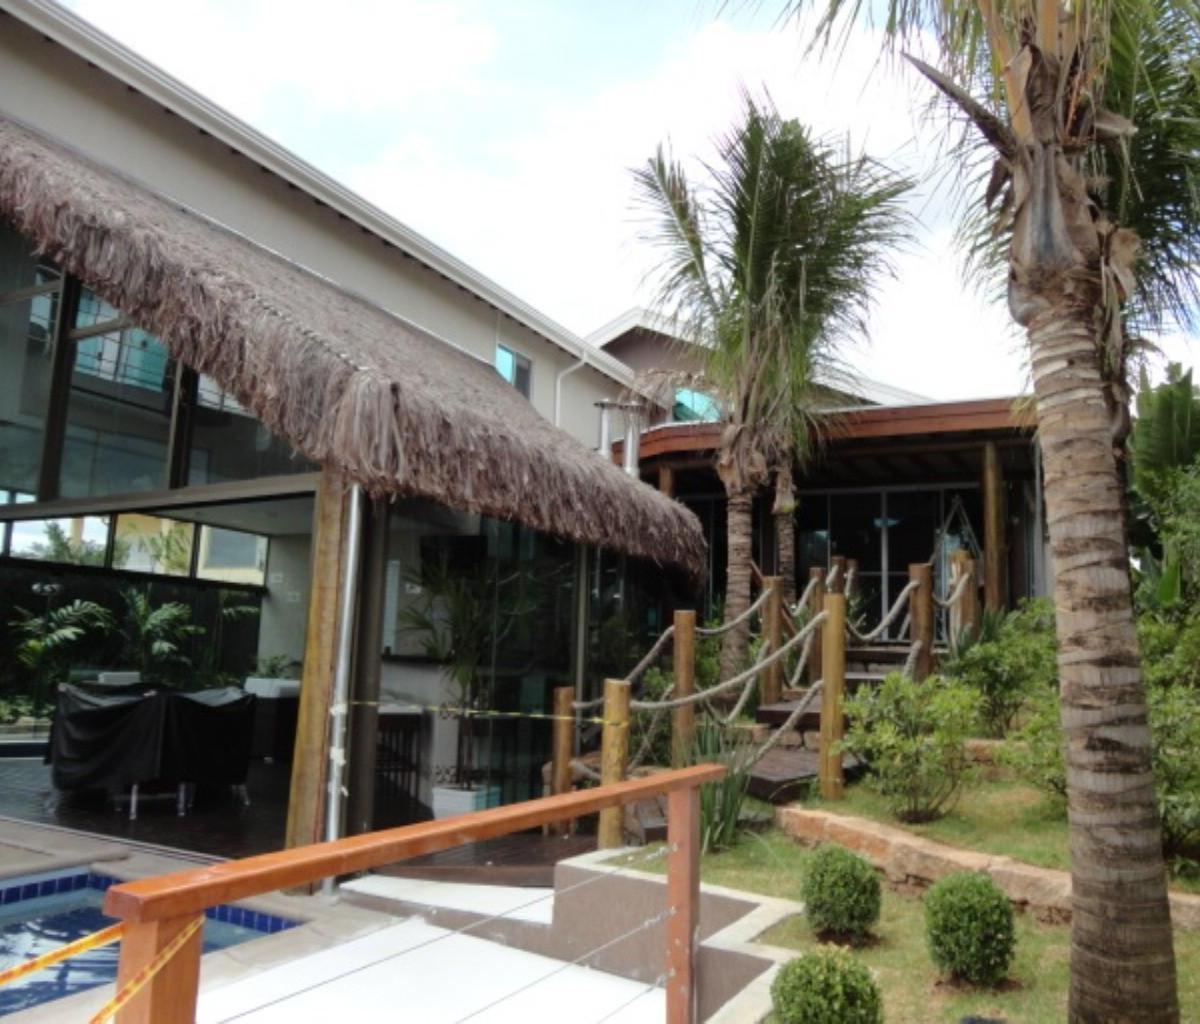 Casa à venda com 4 Quartos Vila Sonia Valinhos R$ 2.950.000 1294  #8B6040 1200 1024